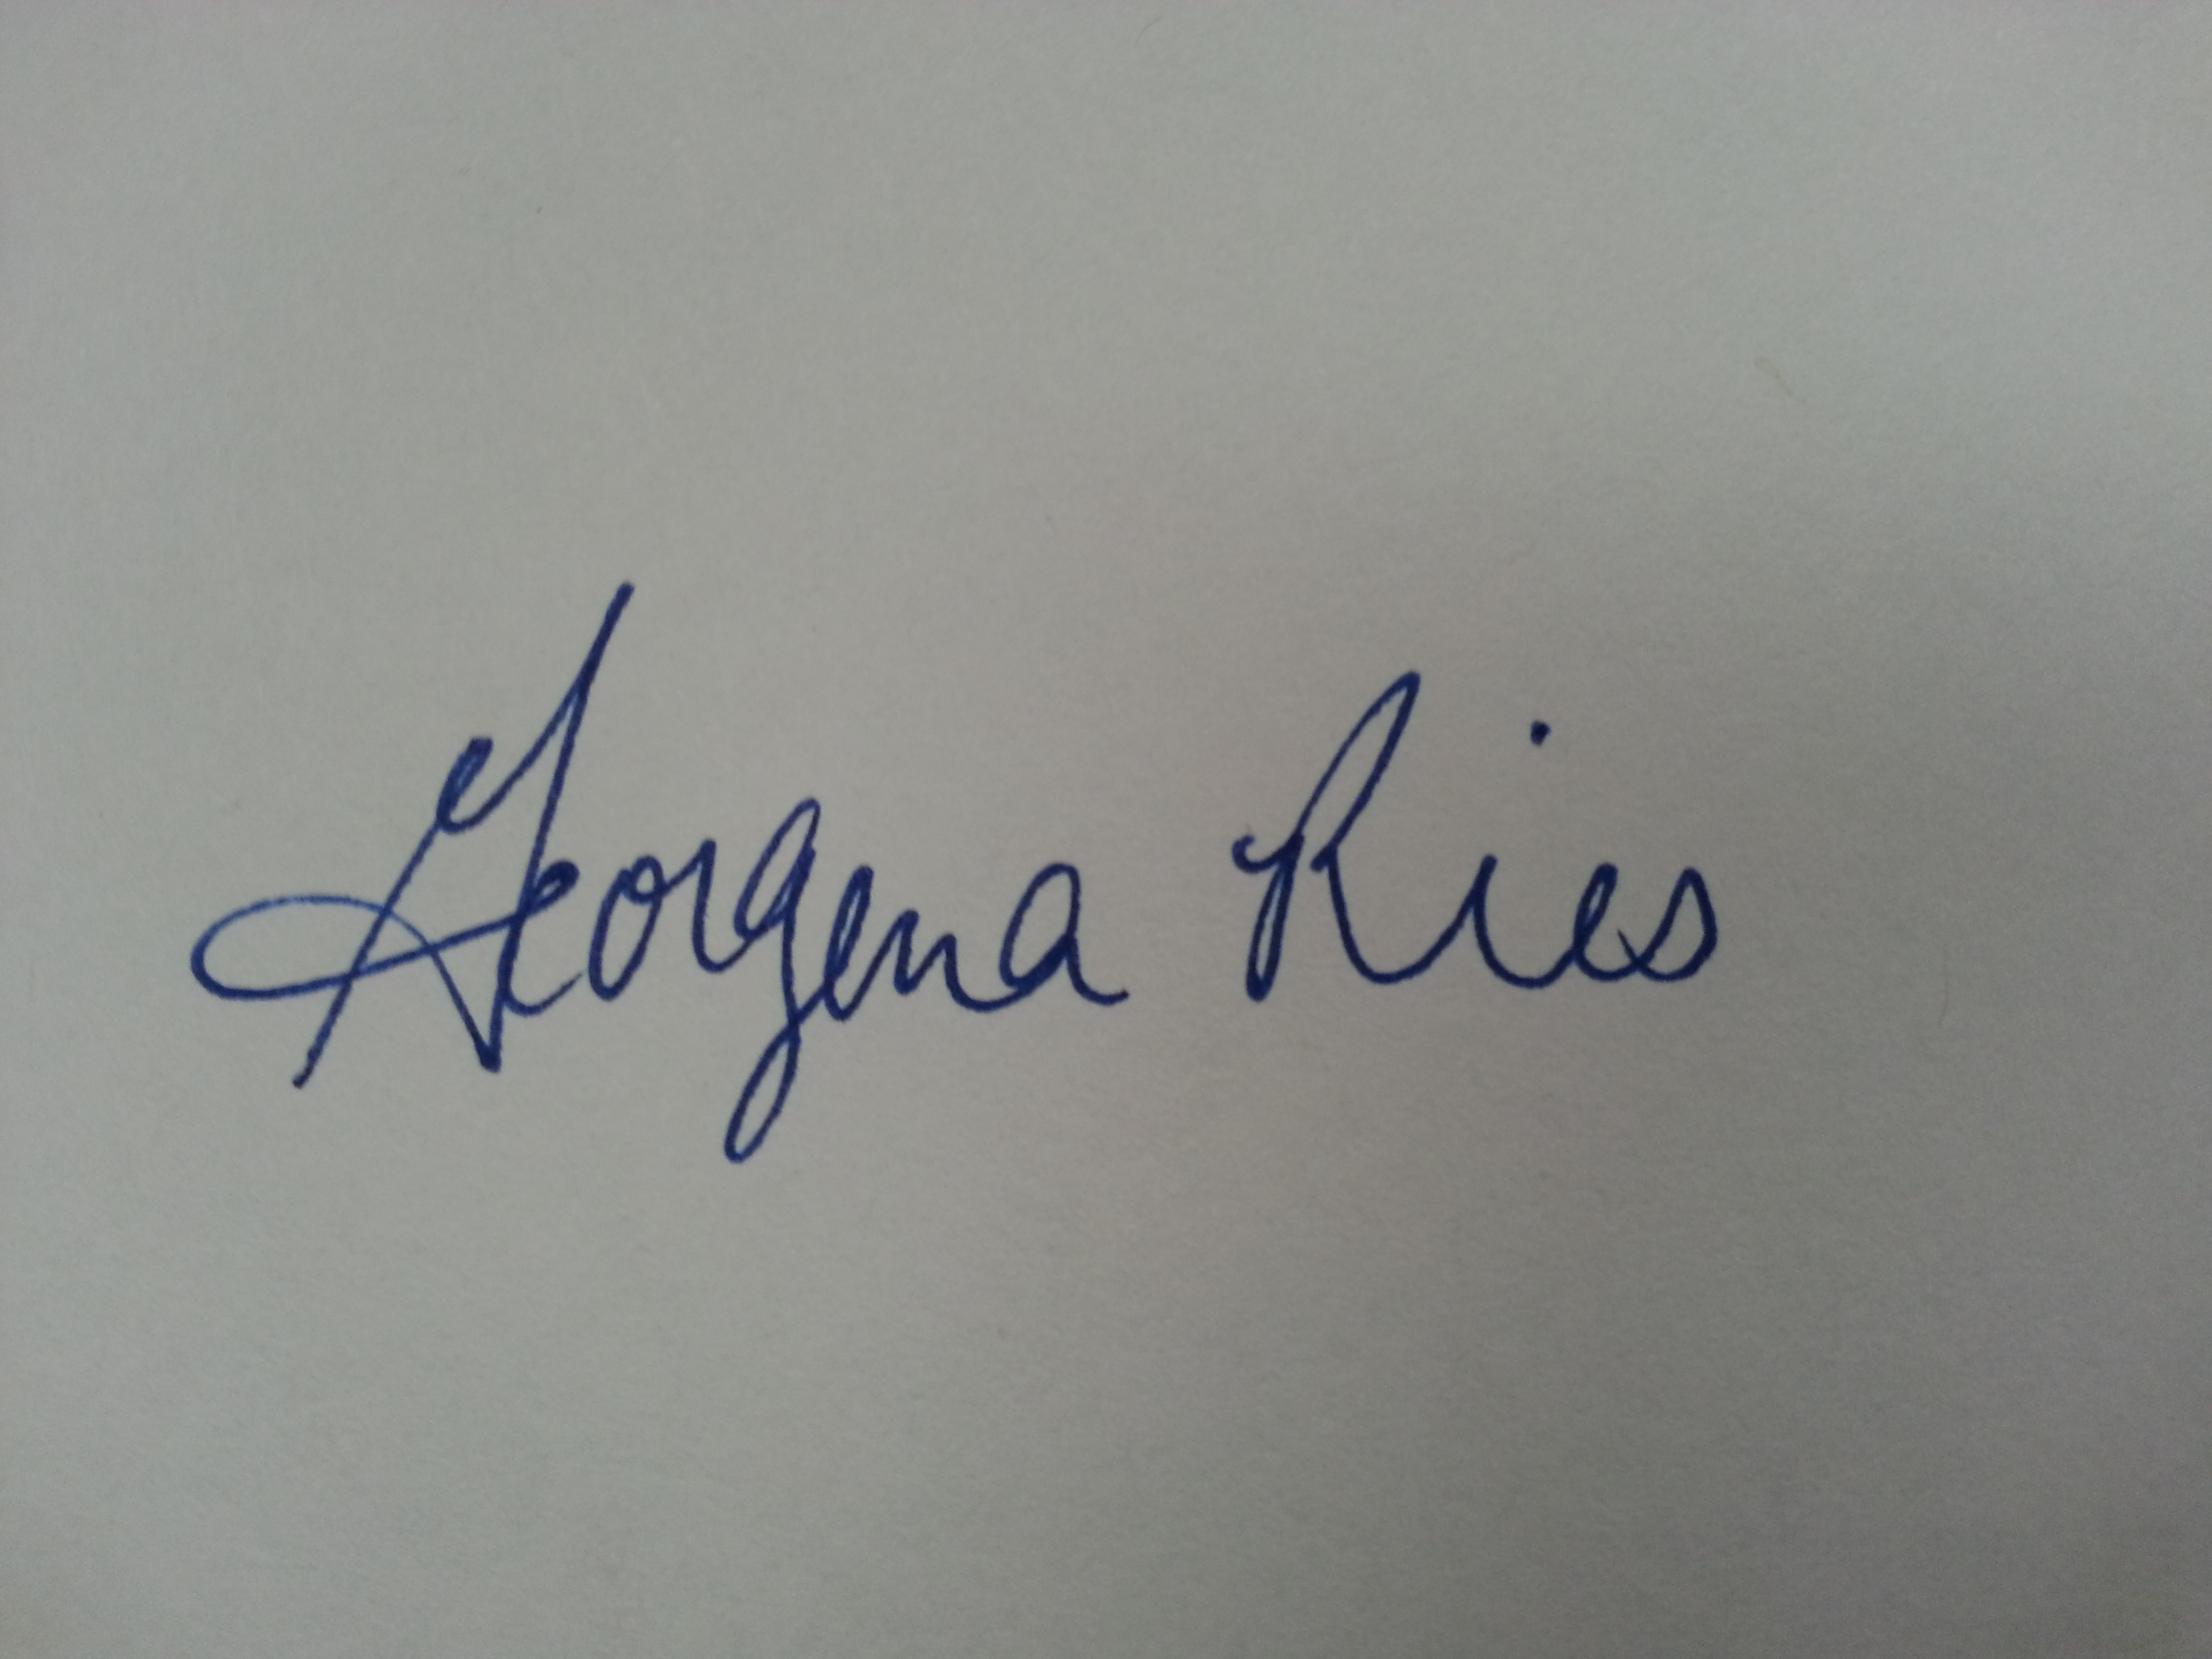 Gena Ries Signature